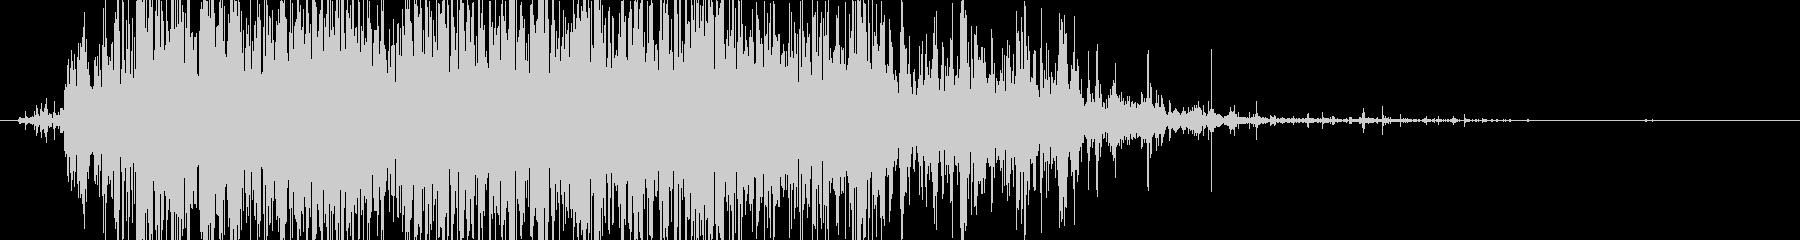 ロック 大きなロールドロップ04の未再生の波形